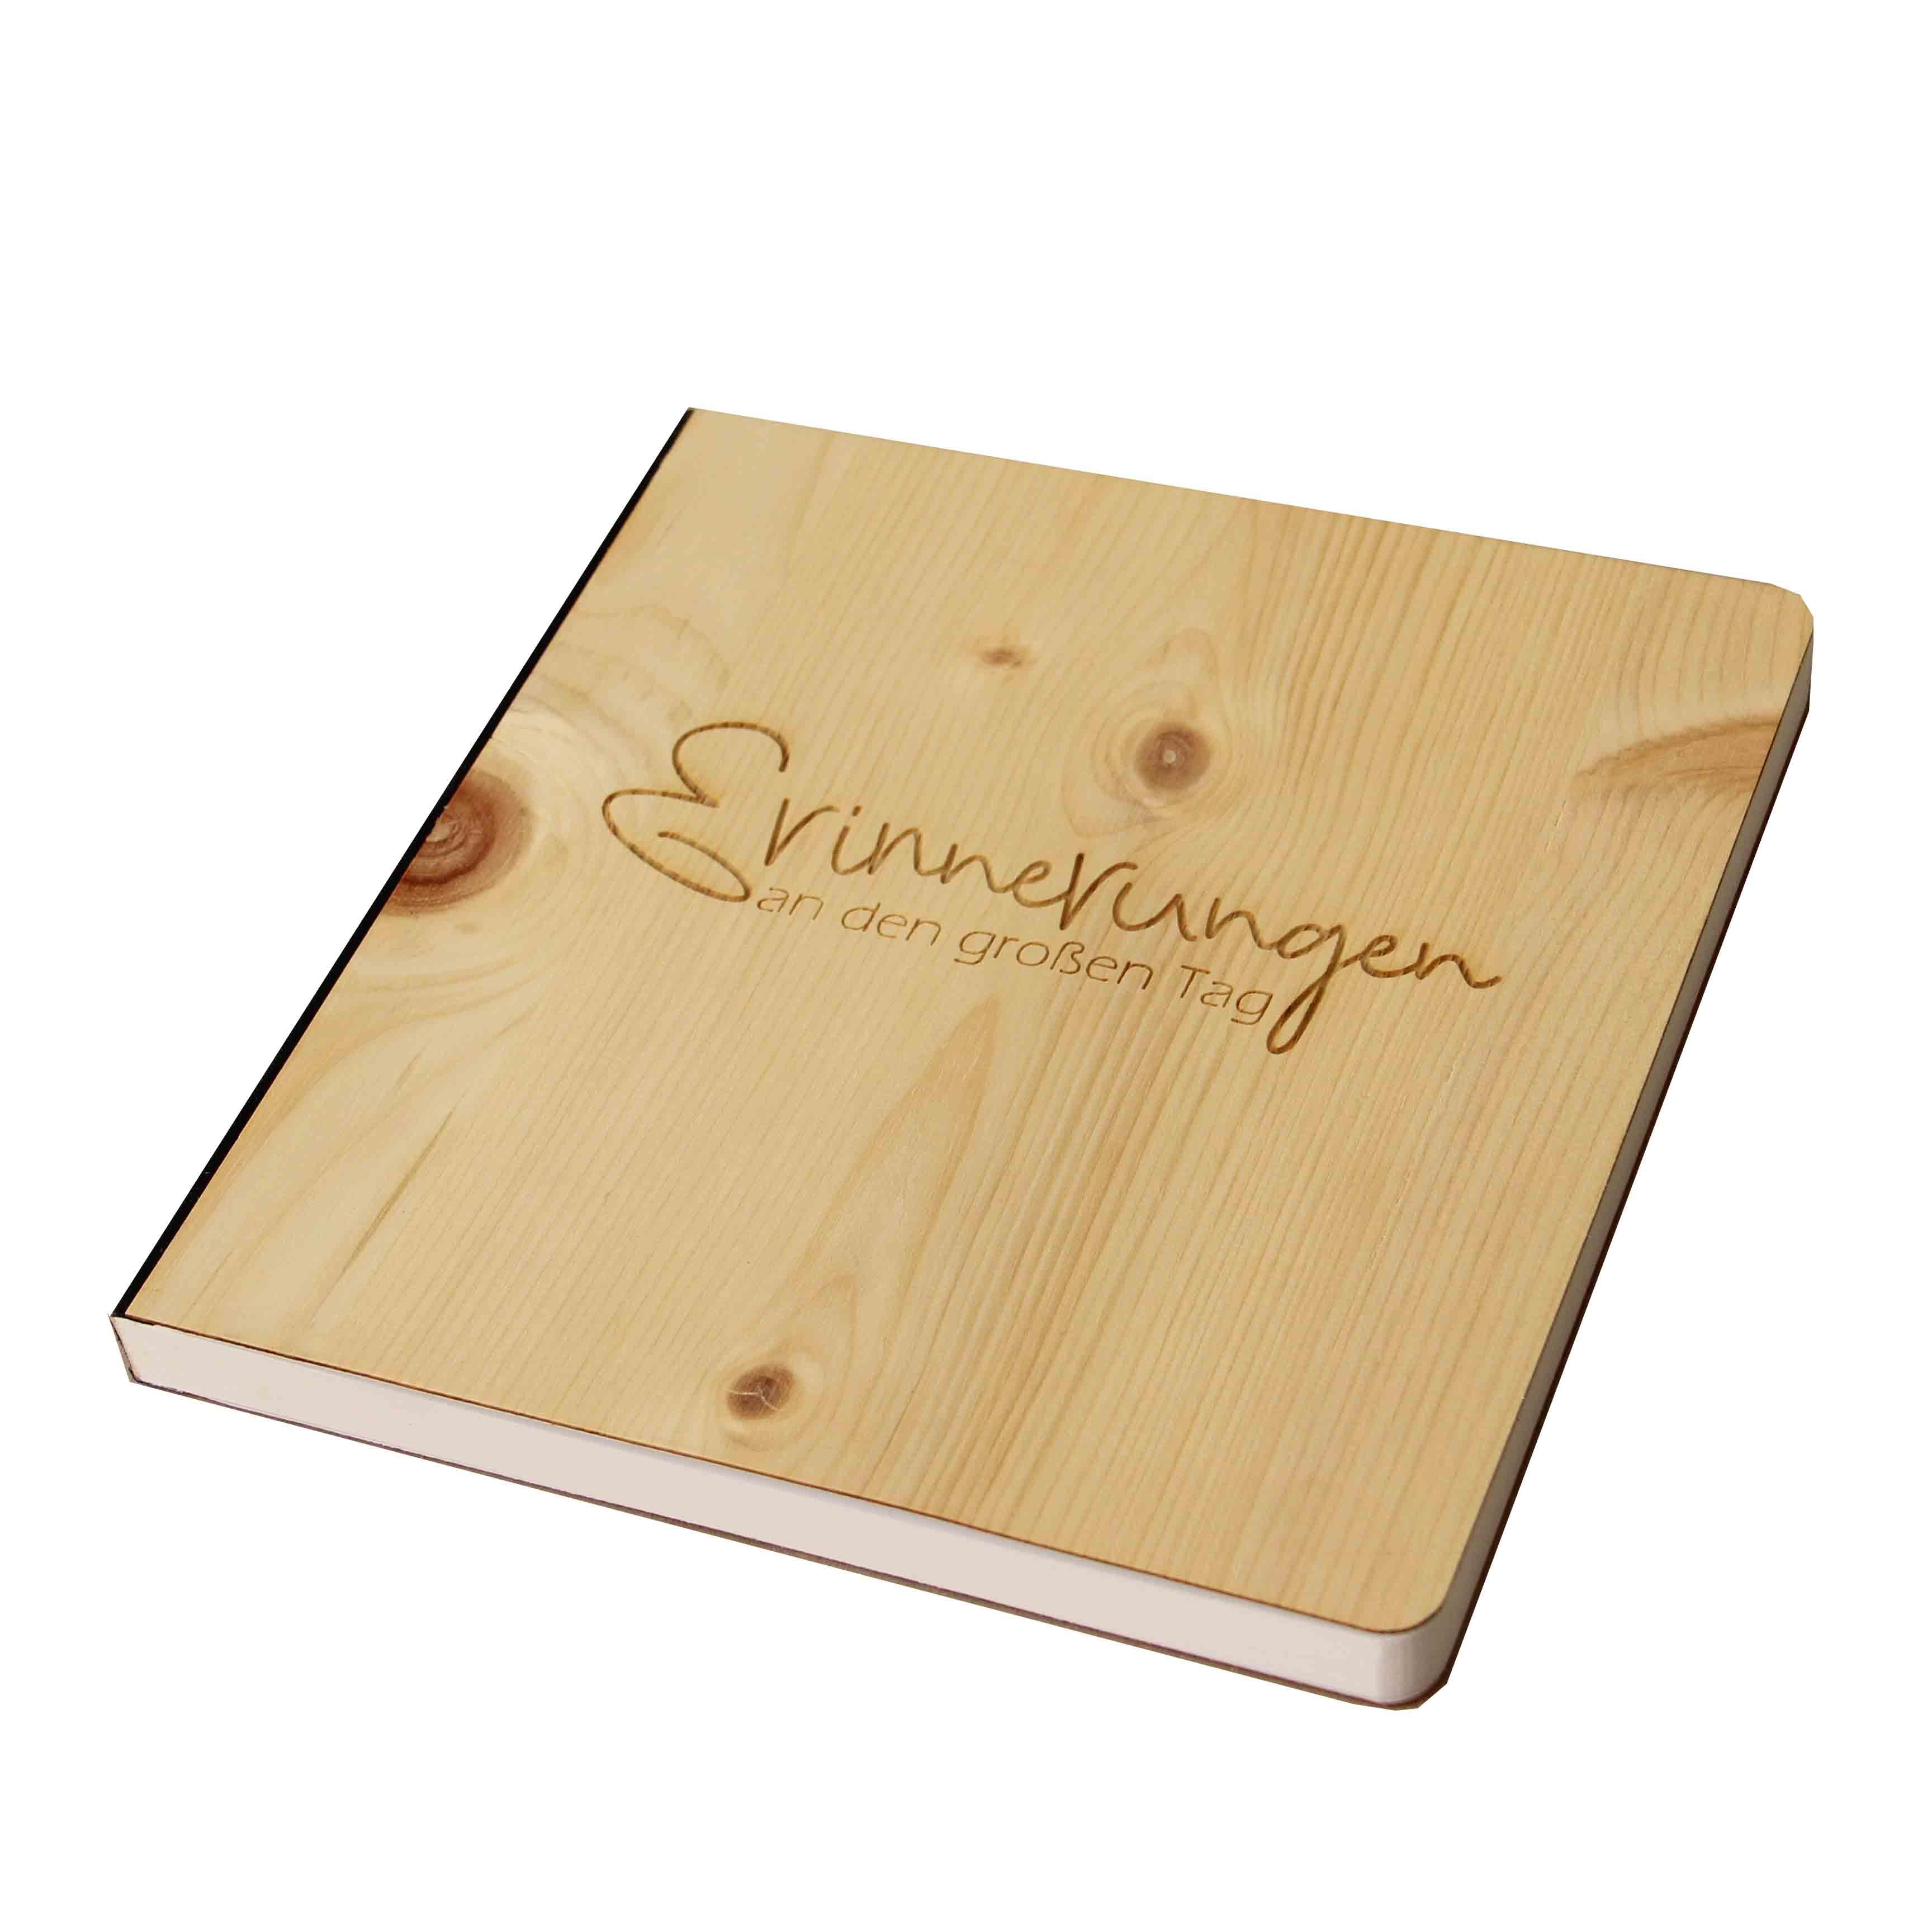 """Holz Gästebuch mit eingraviertem Schriftzug """"Erinnerungen an den großen Tag"""", Fotoalbum und Stammbuch für verschiedene Anlässe, bestehend aus Echtholz, Zirbenholzcover"""